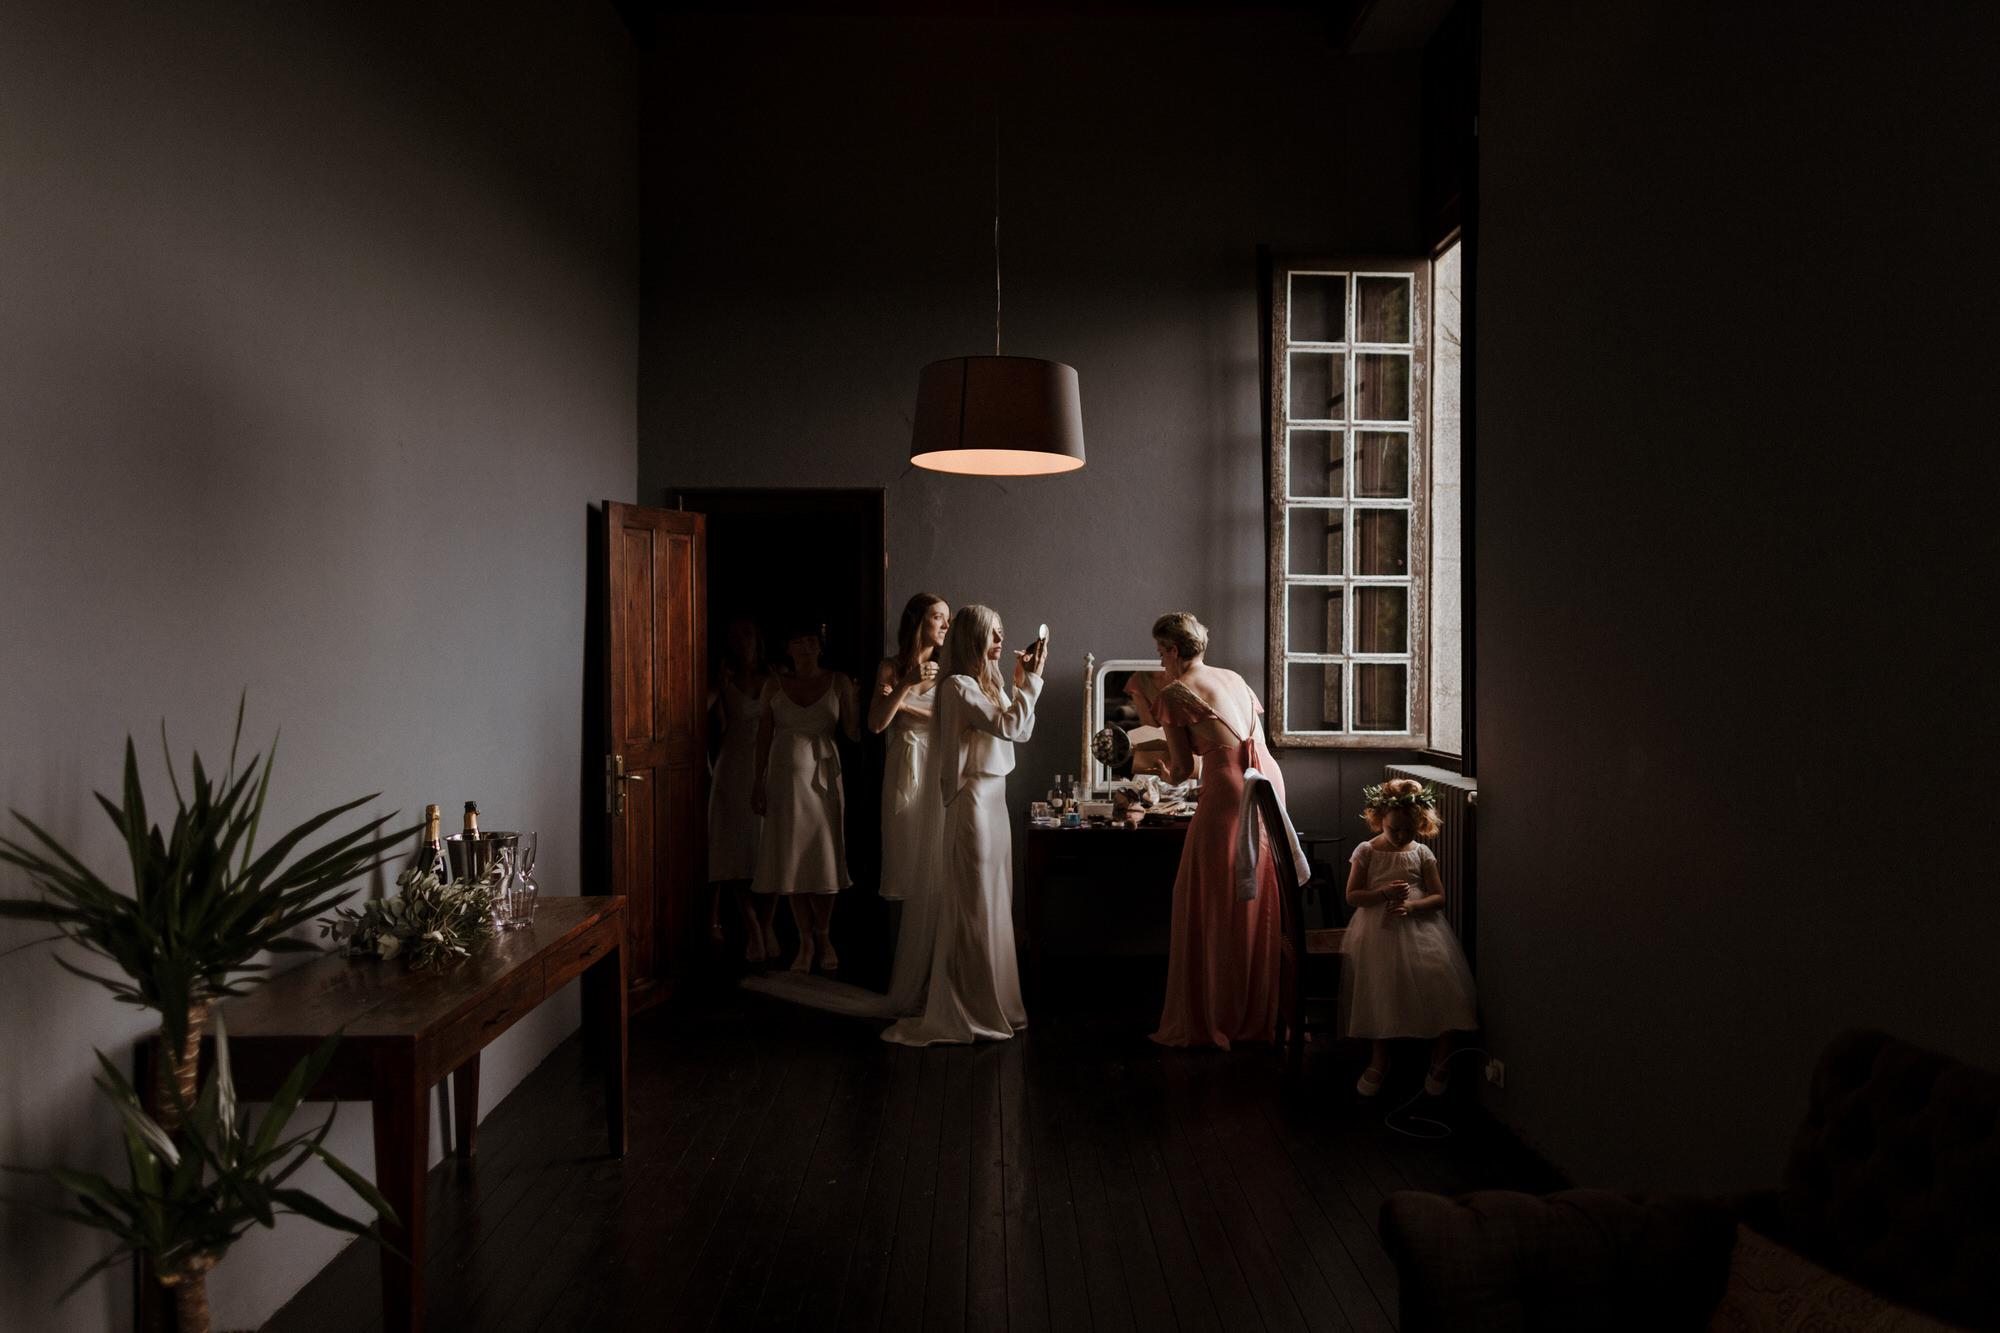 Chateau Rigaud Wedding Photography 14-23-52-1Q5A1262-R+L.jpg